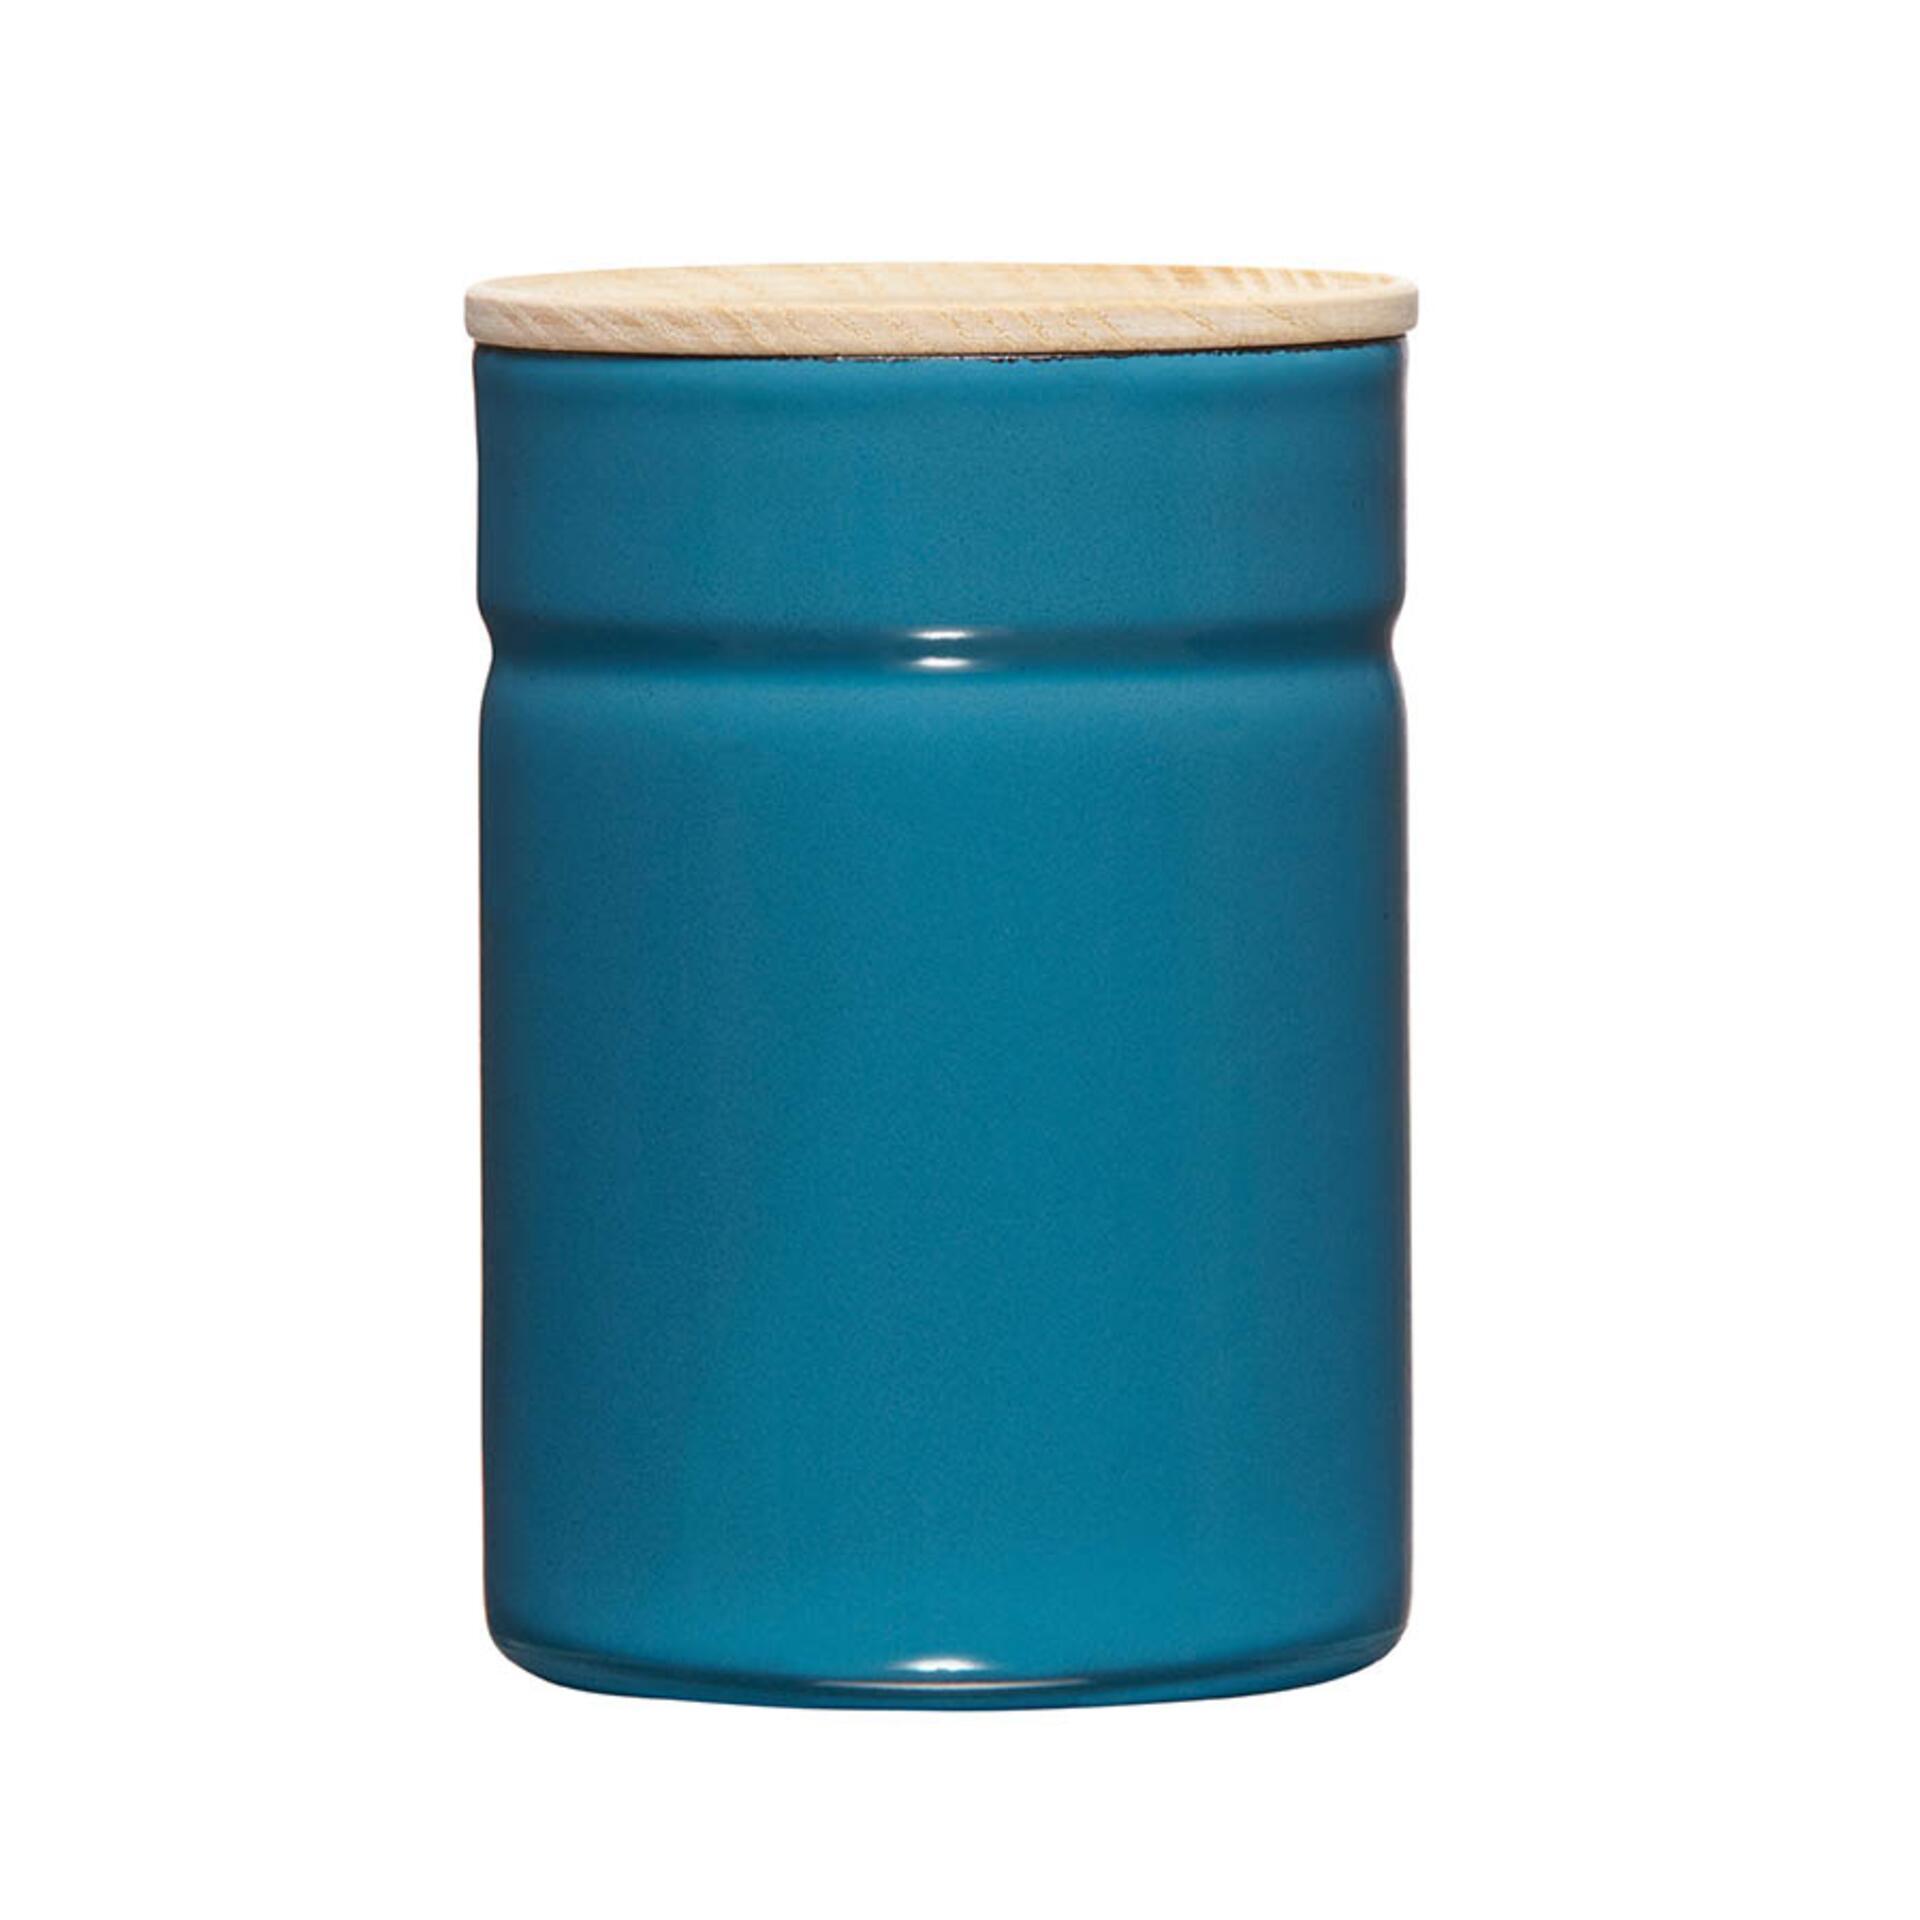 Riess Vorratsdose 525 ml Blau